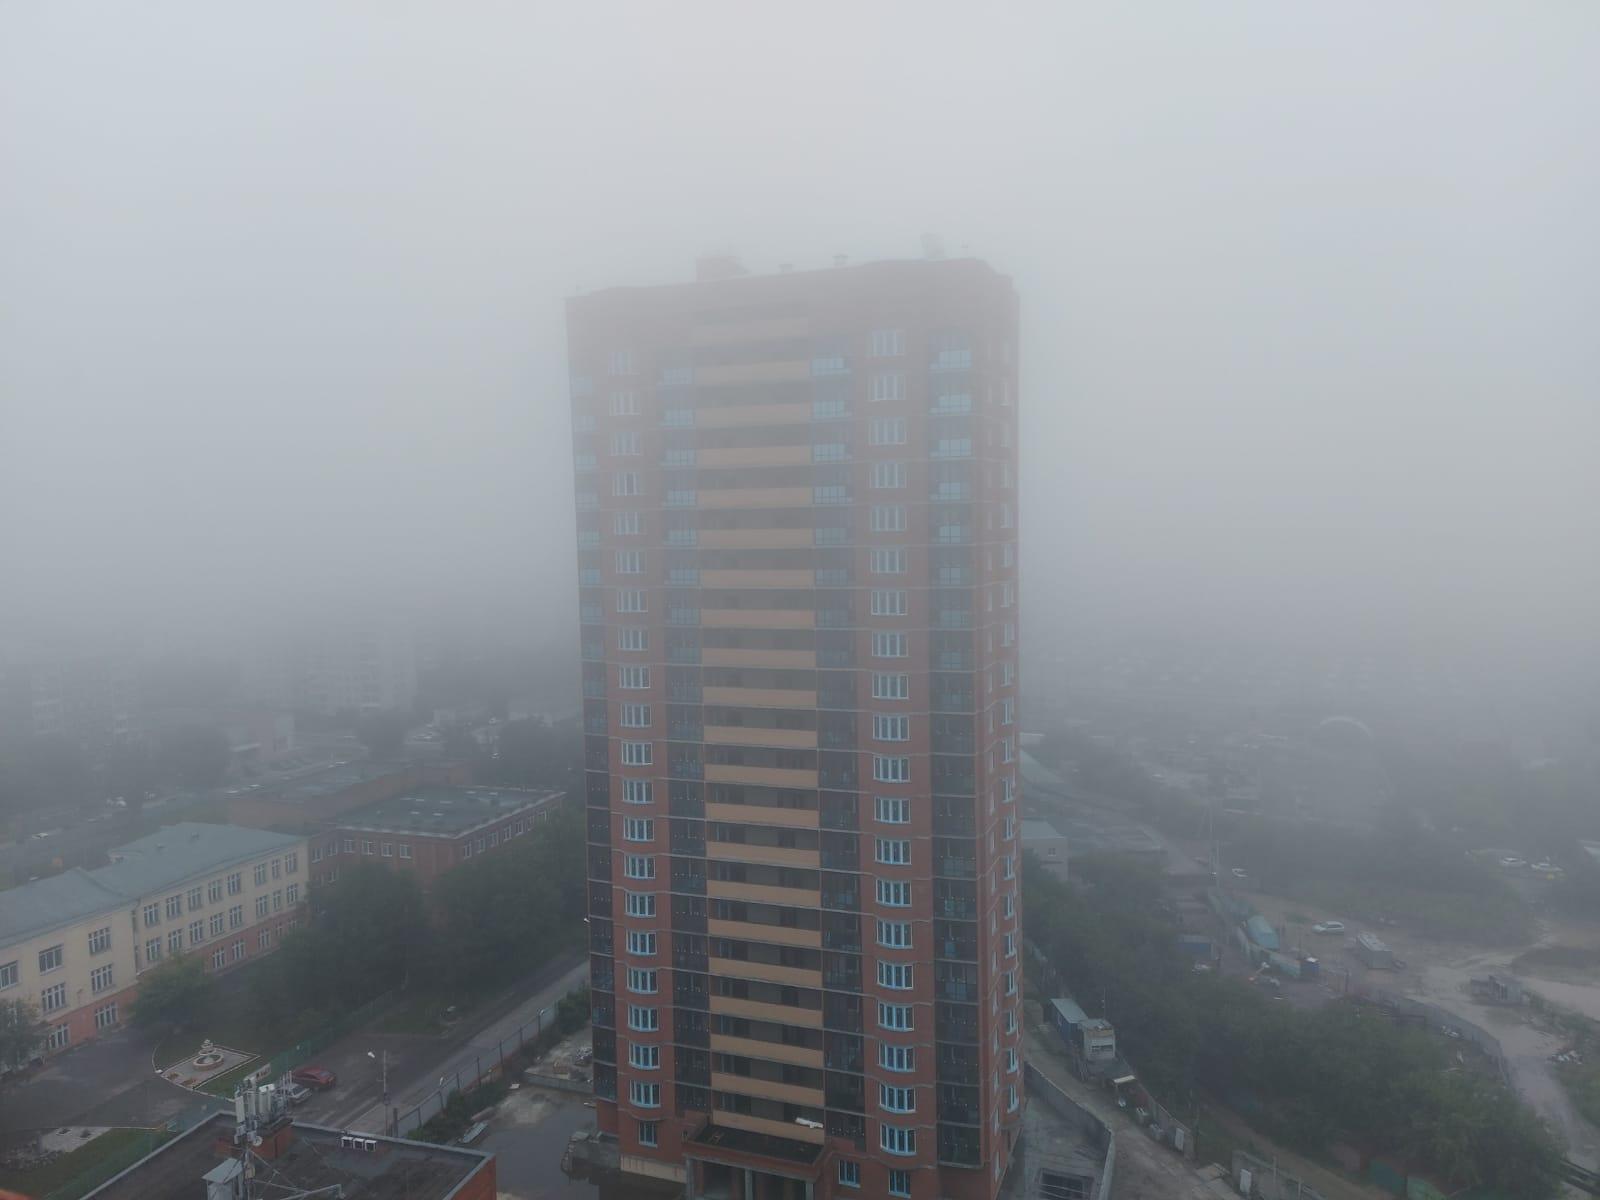 Фото «Выглядит жутковато»: новосибирцы делятся в соцсетях мистическими фото утреннего тумана 3